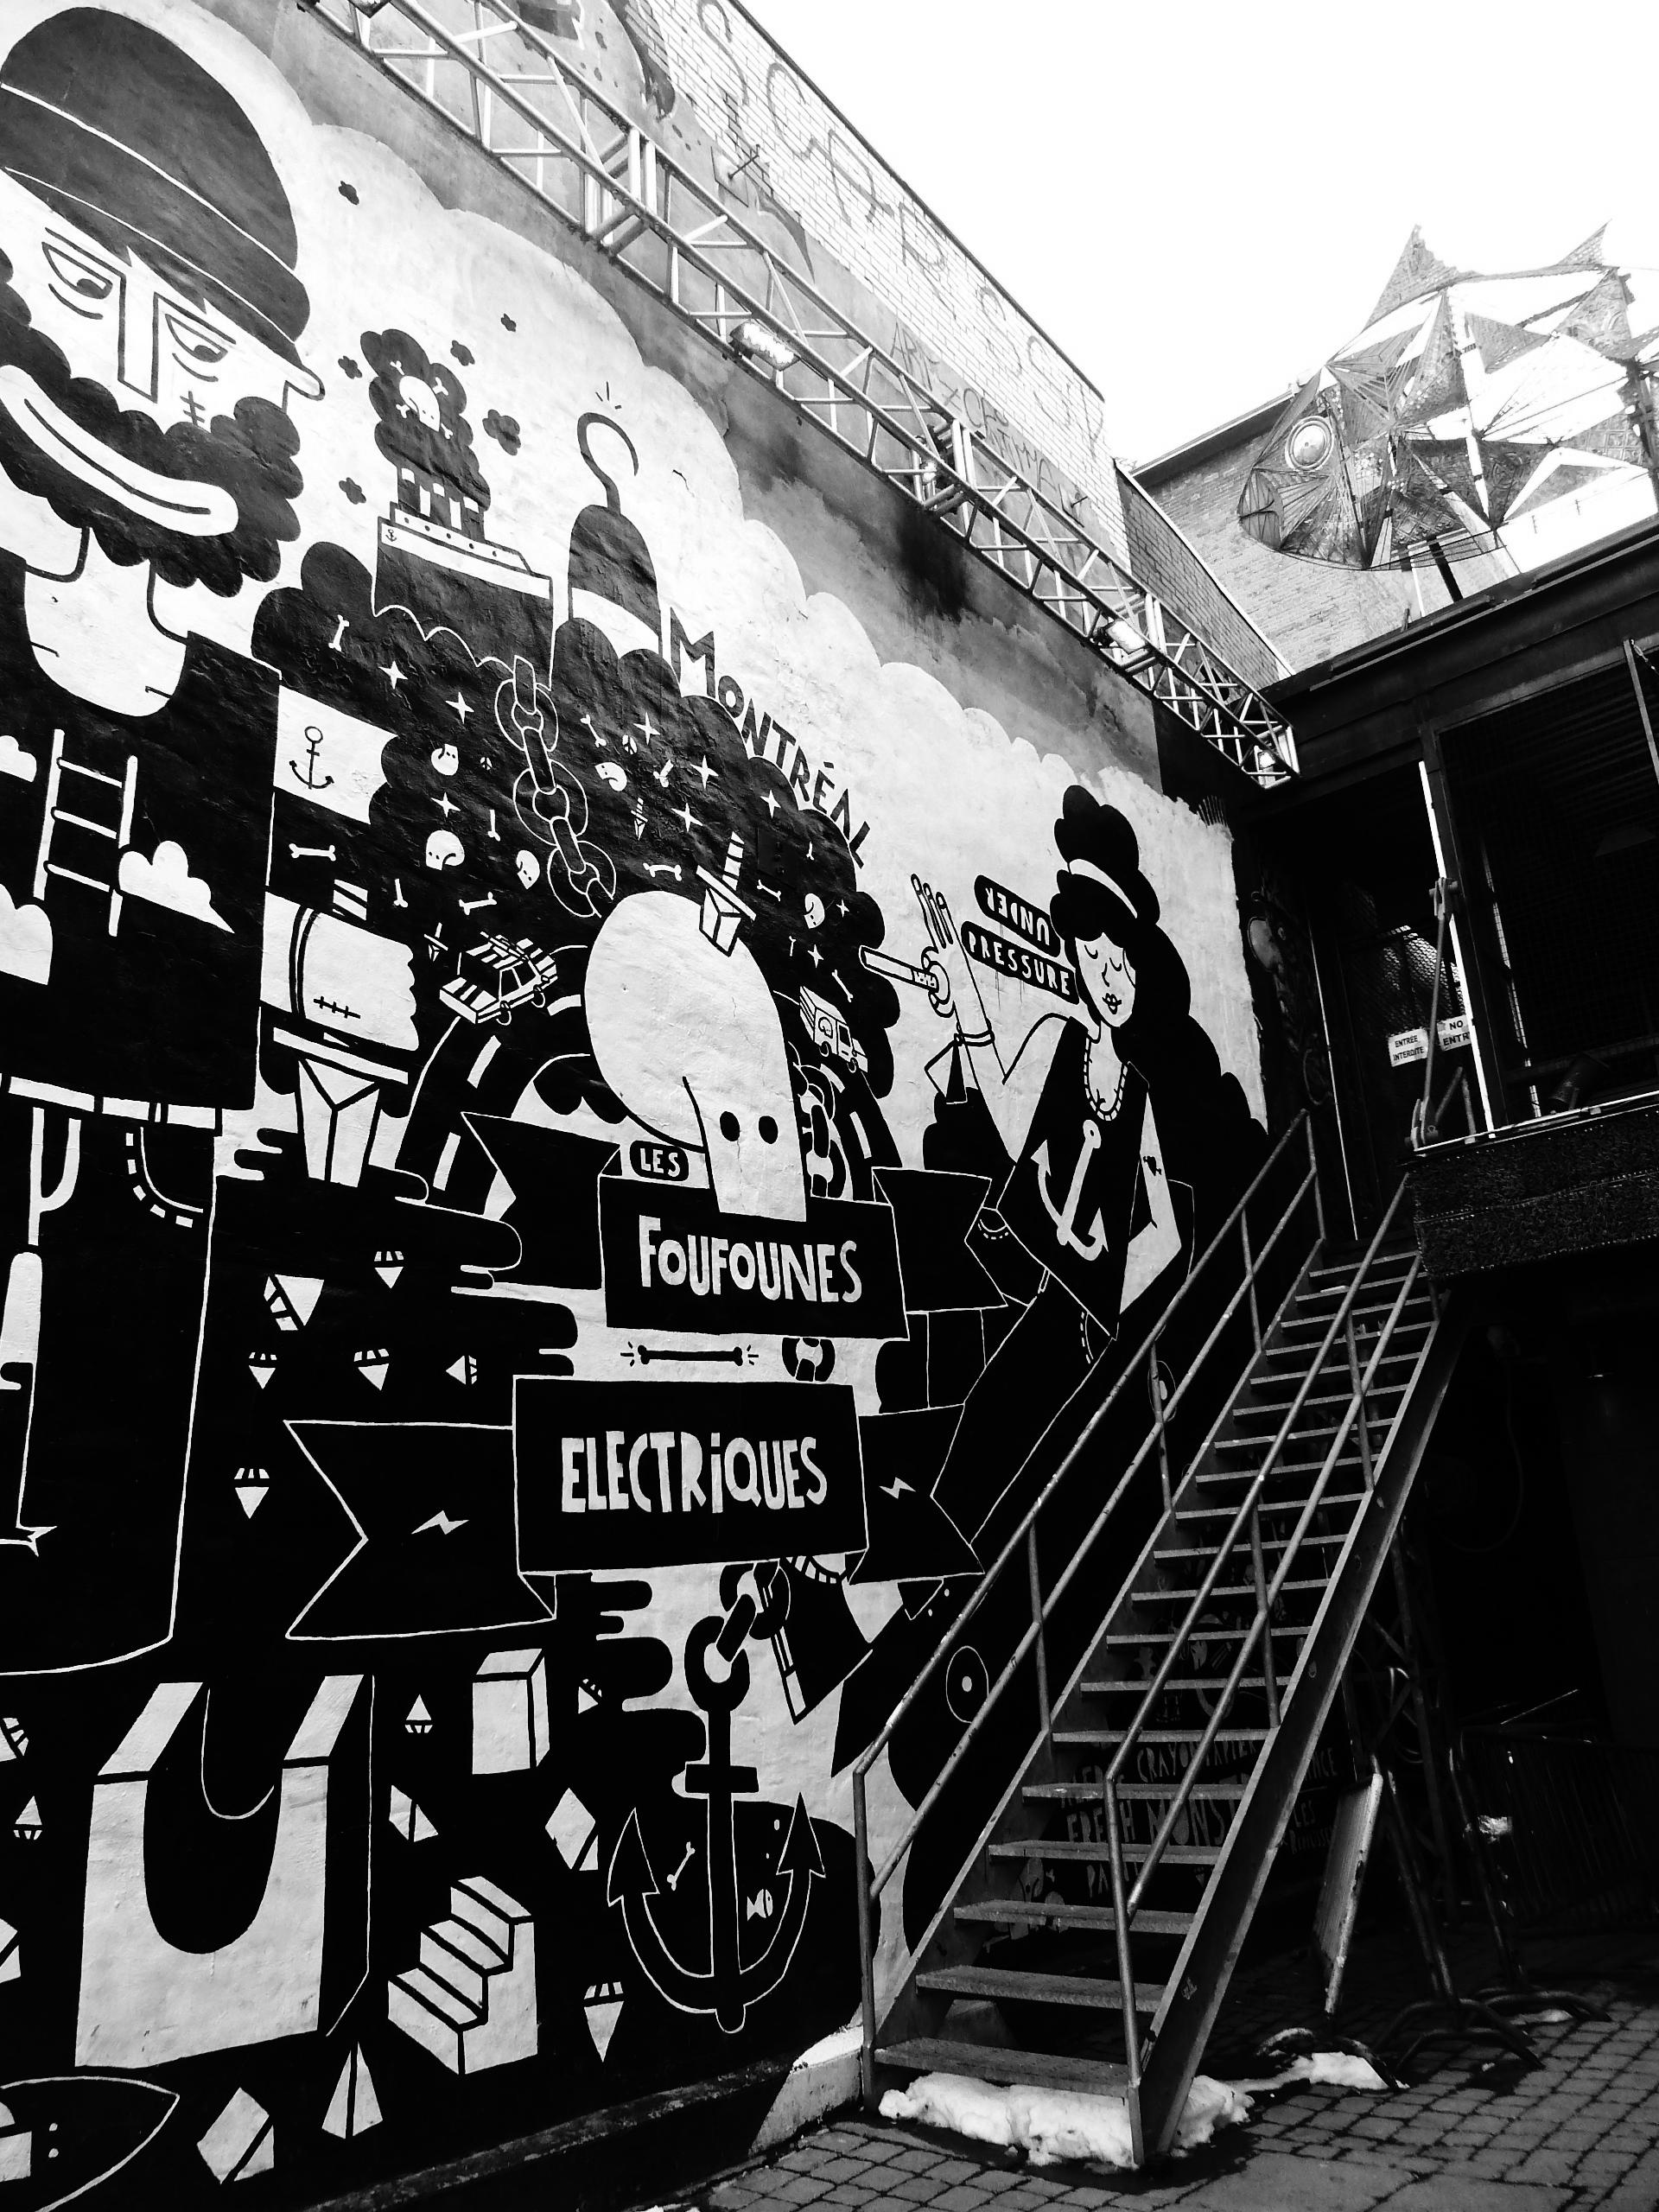 Montreal, Bar Les Foufounes Electriques